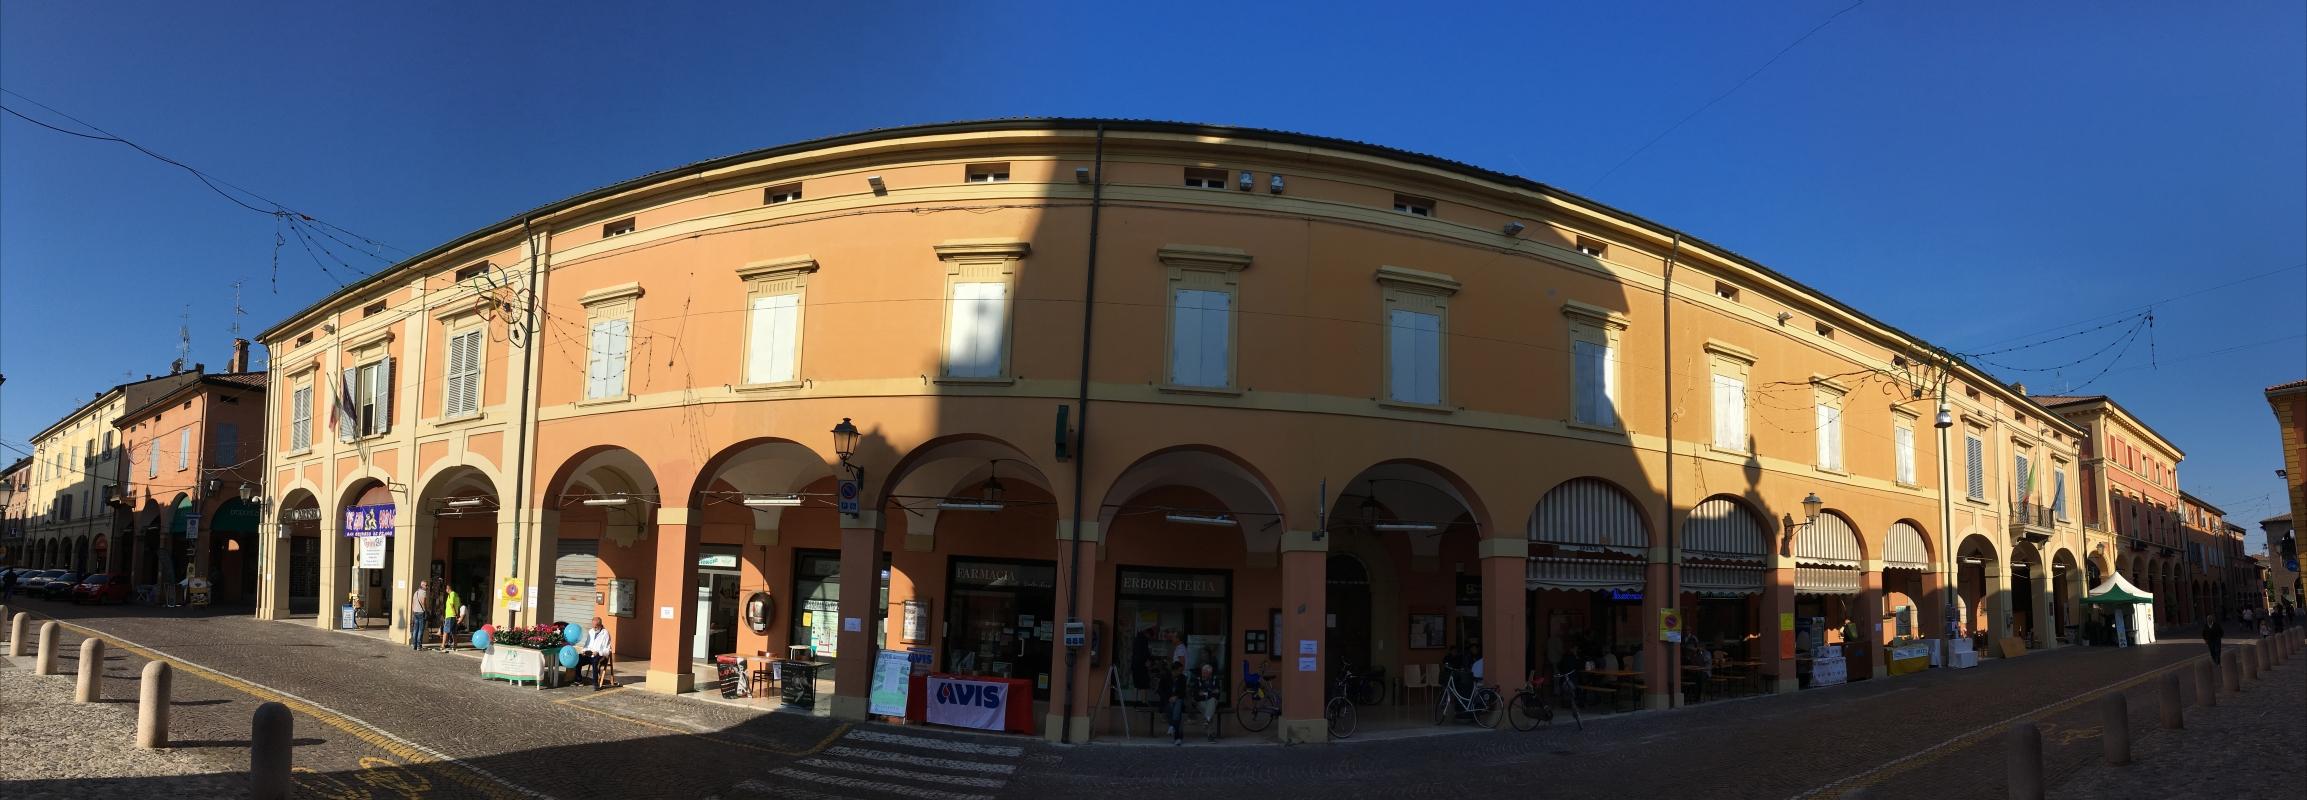 Palazzo Municipale Via della Libertà - FabioSchiavina - San Giorgio di Piano (BO)